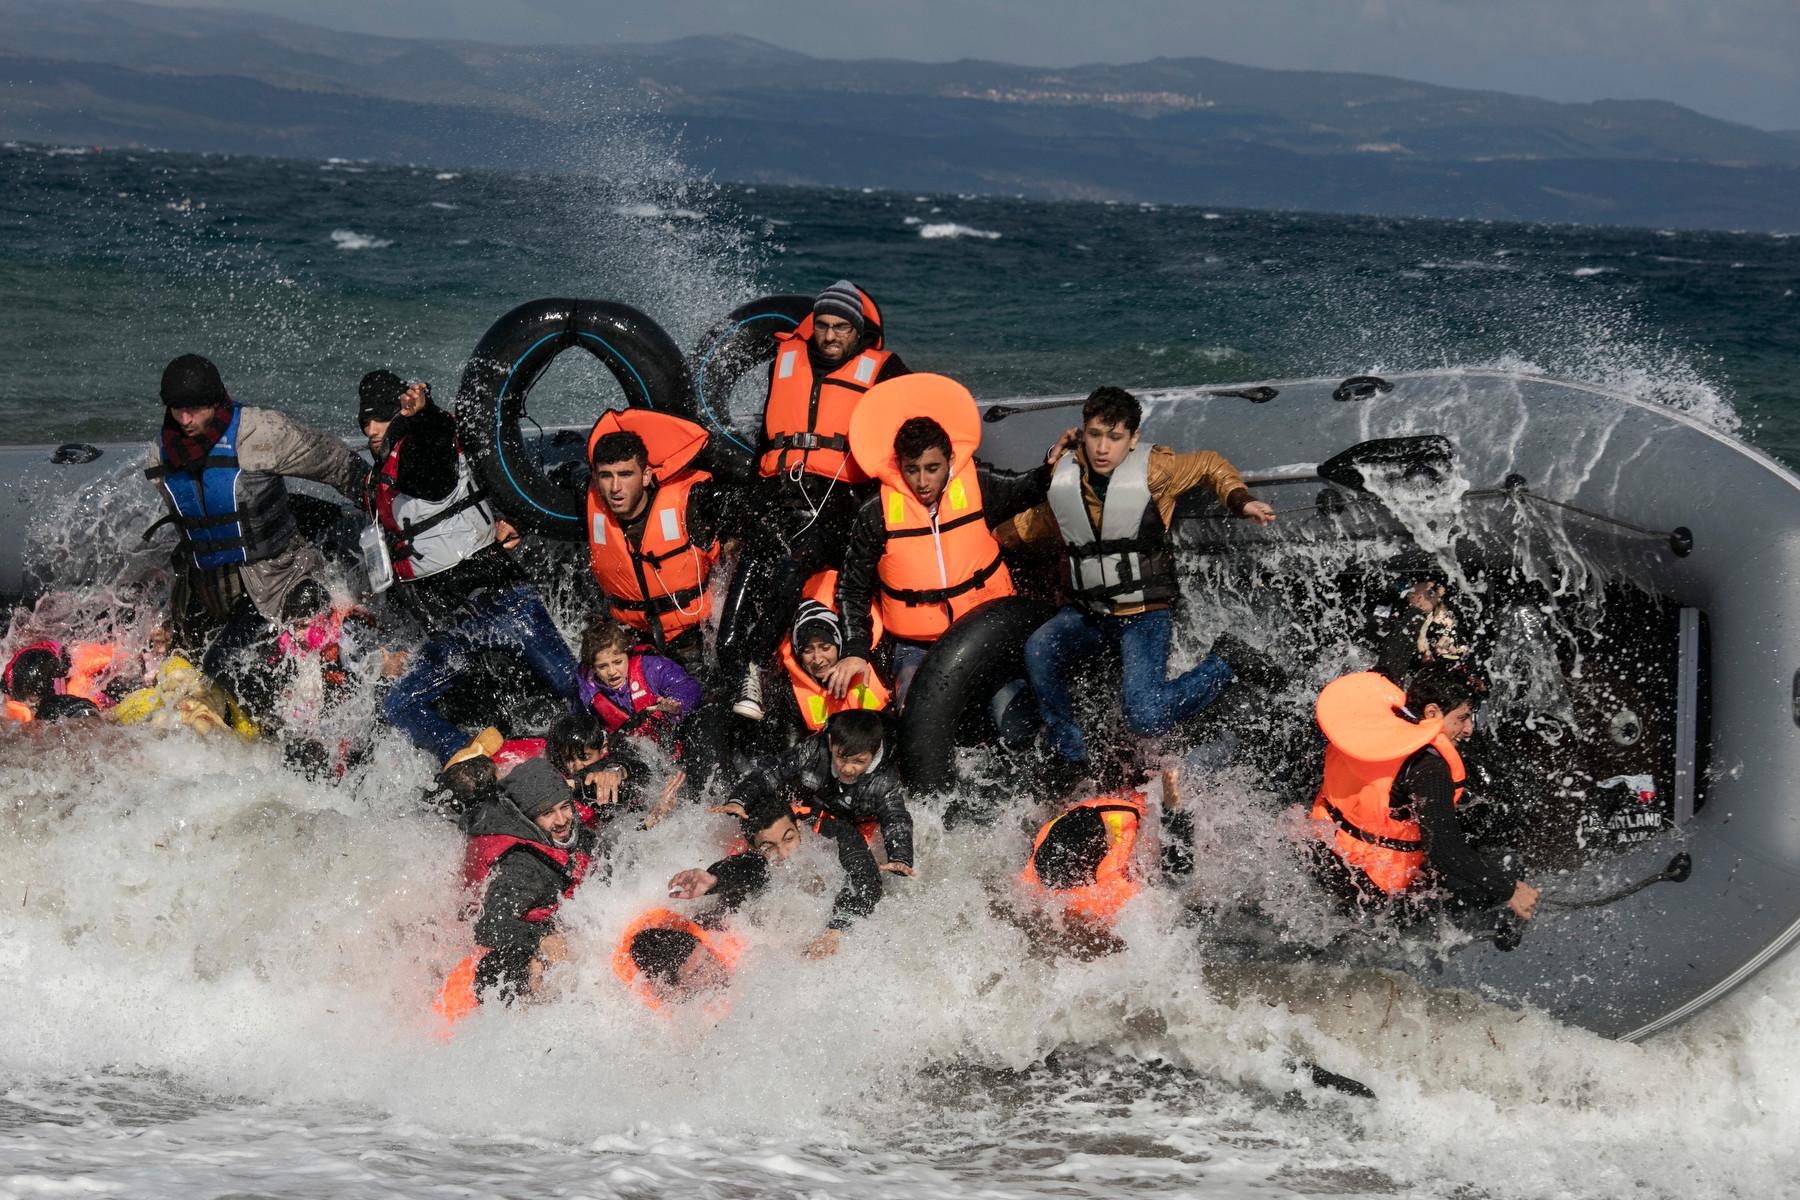 Refugiados se caen de una balsa al llegar a Lesbos (2015). Paula Bronstein/Getty Images